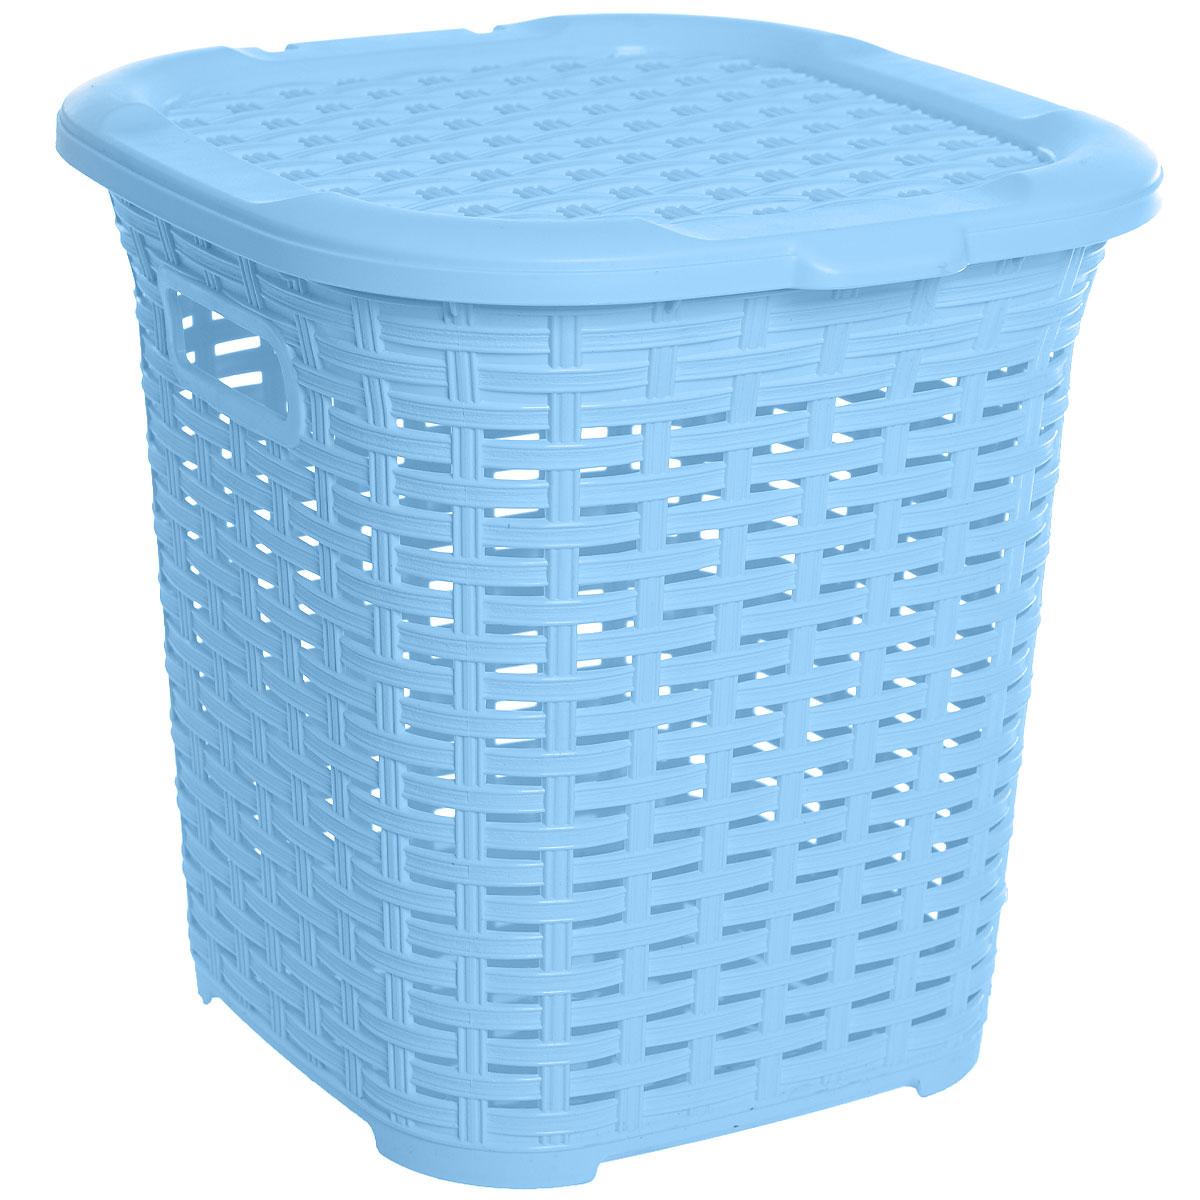 Корзина многофункциональная Dunya Plastik Раттан, цвет: голубой, 15 л5107Многофункциональная корзина Dunya Plastik Раттан изготовлена из прочного пластика. Она отлично подойдет для хранения белья перед стиркой и различных бытовых вещей. В ней также удобно хранить овощи: картошку, лук и т.д. Корзина плетеная, что создает идеальные условия для проветривания. Дно сплошное. Изделие оснащено двумя ручками и крышкой. Такая корзина прекрасно впишется в интерьер ванной комнаты или кухни.